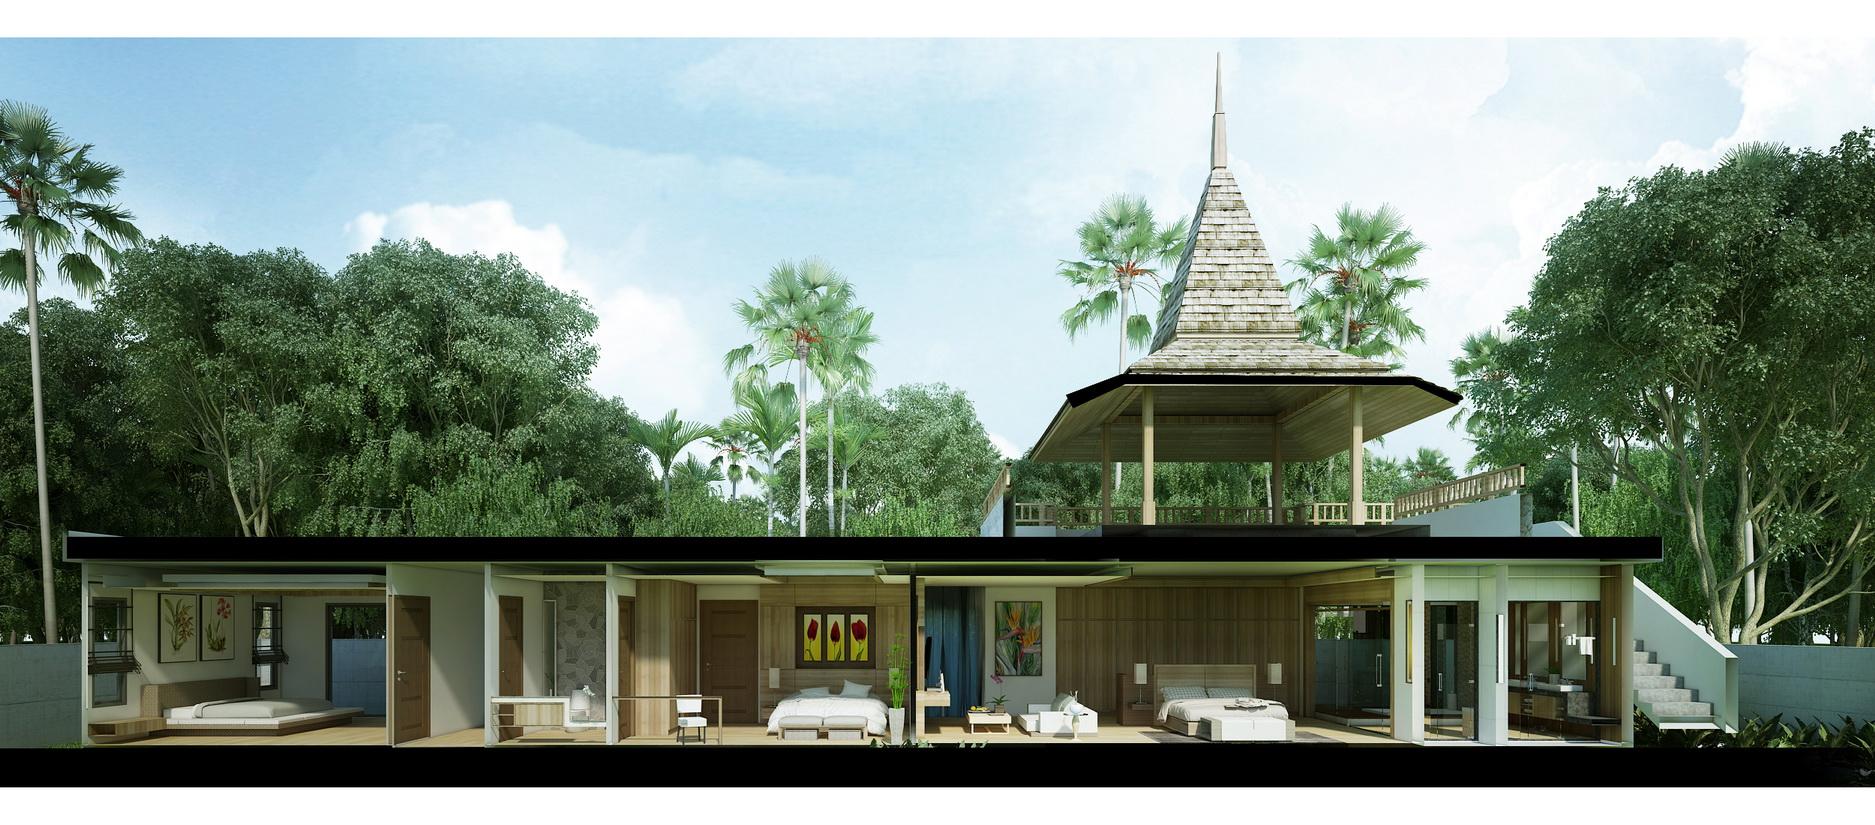 Temple house an bang beach